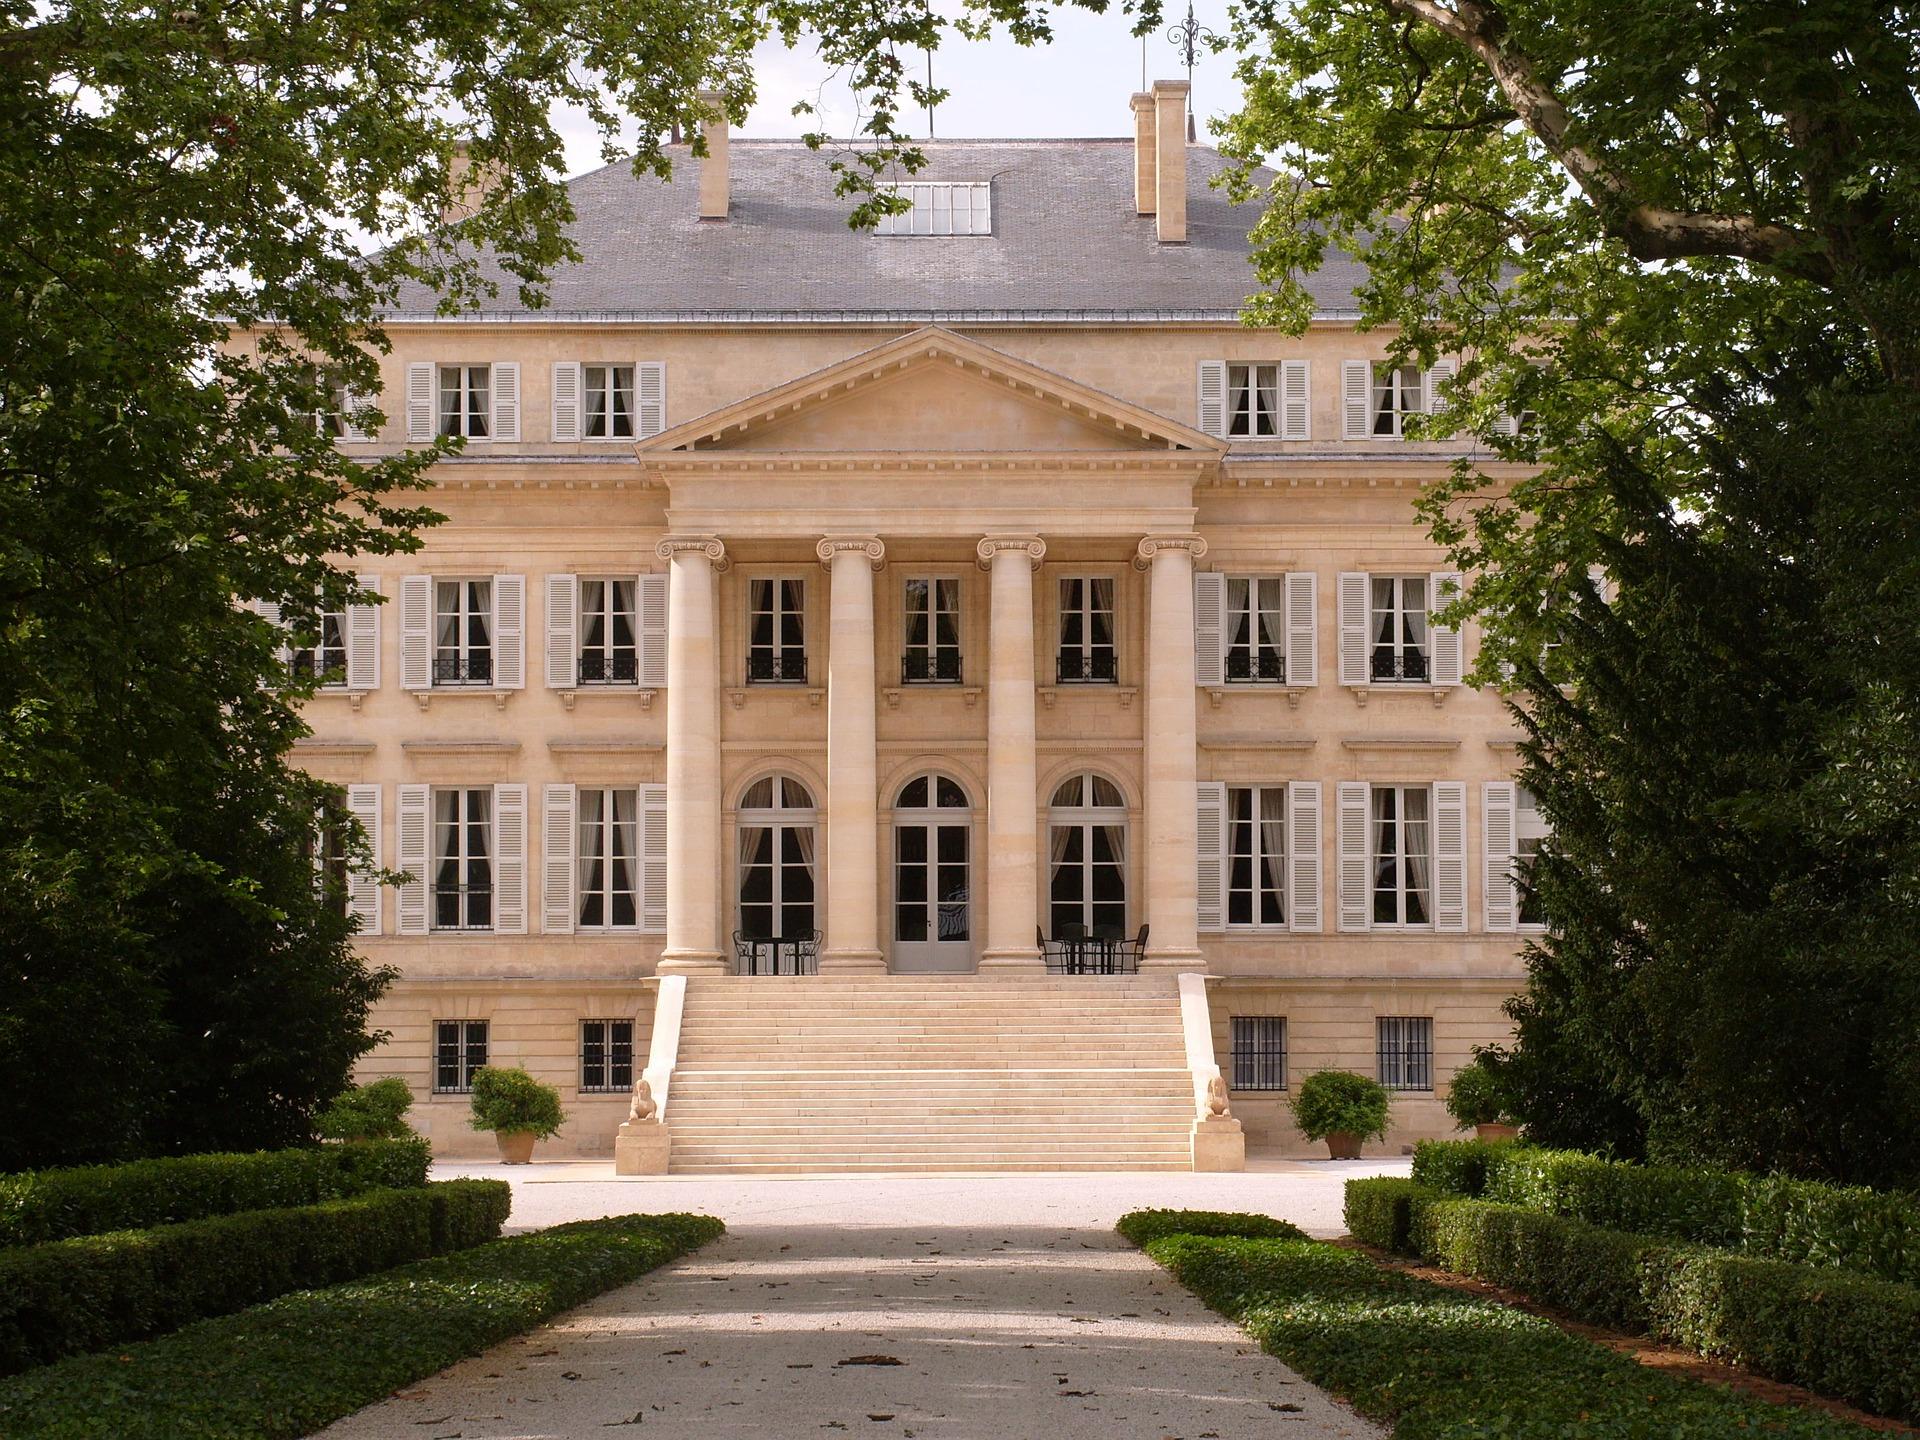 Weine zum Preis eines Schlosses? Mitnichten. Man findet auch gut gelungene und erschwingliche Bordeauxweine, wenn man nur richtig sucht. © Pixabay